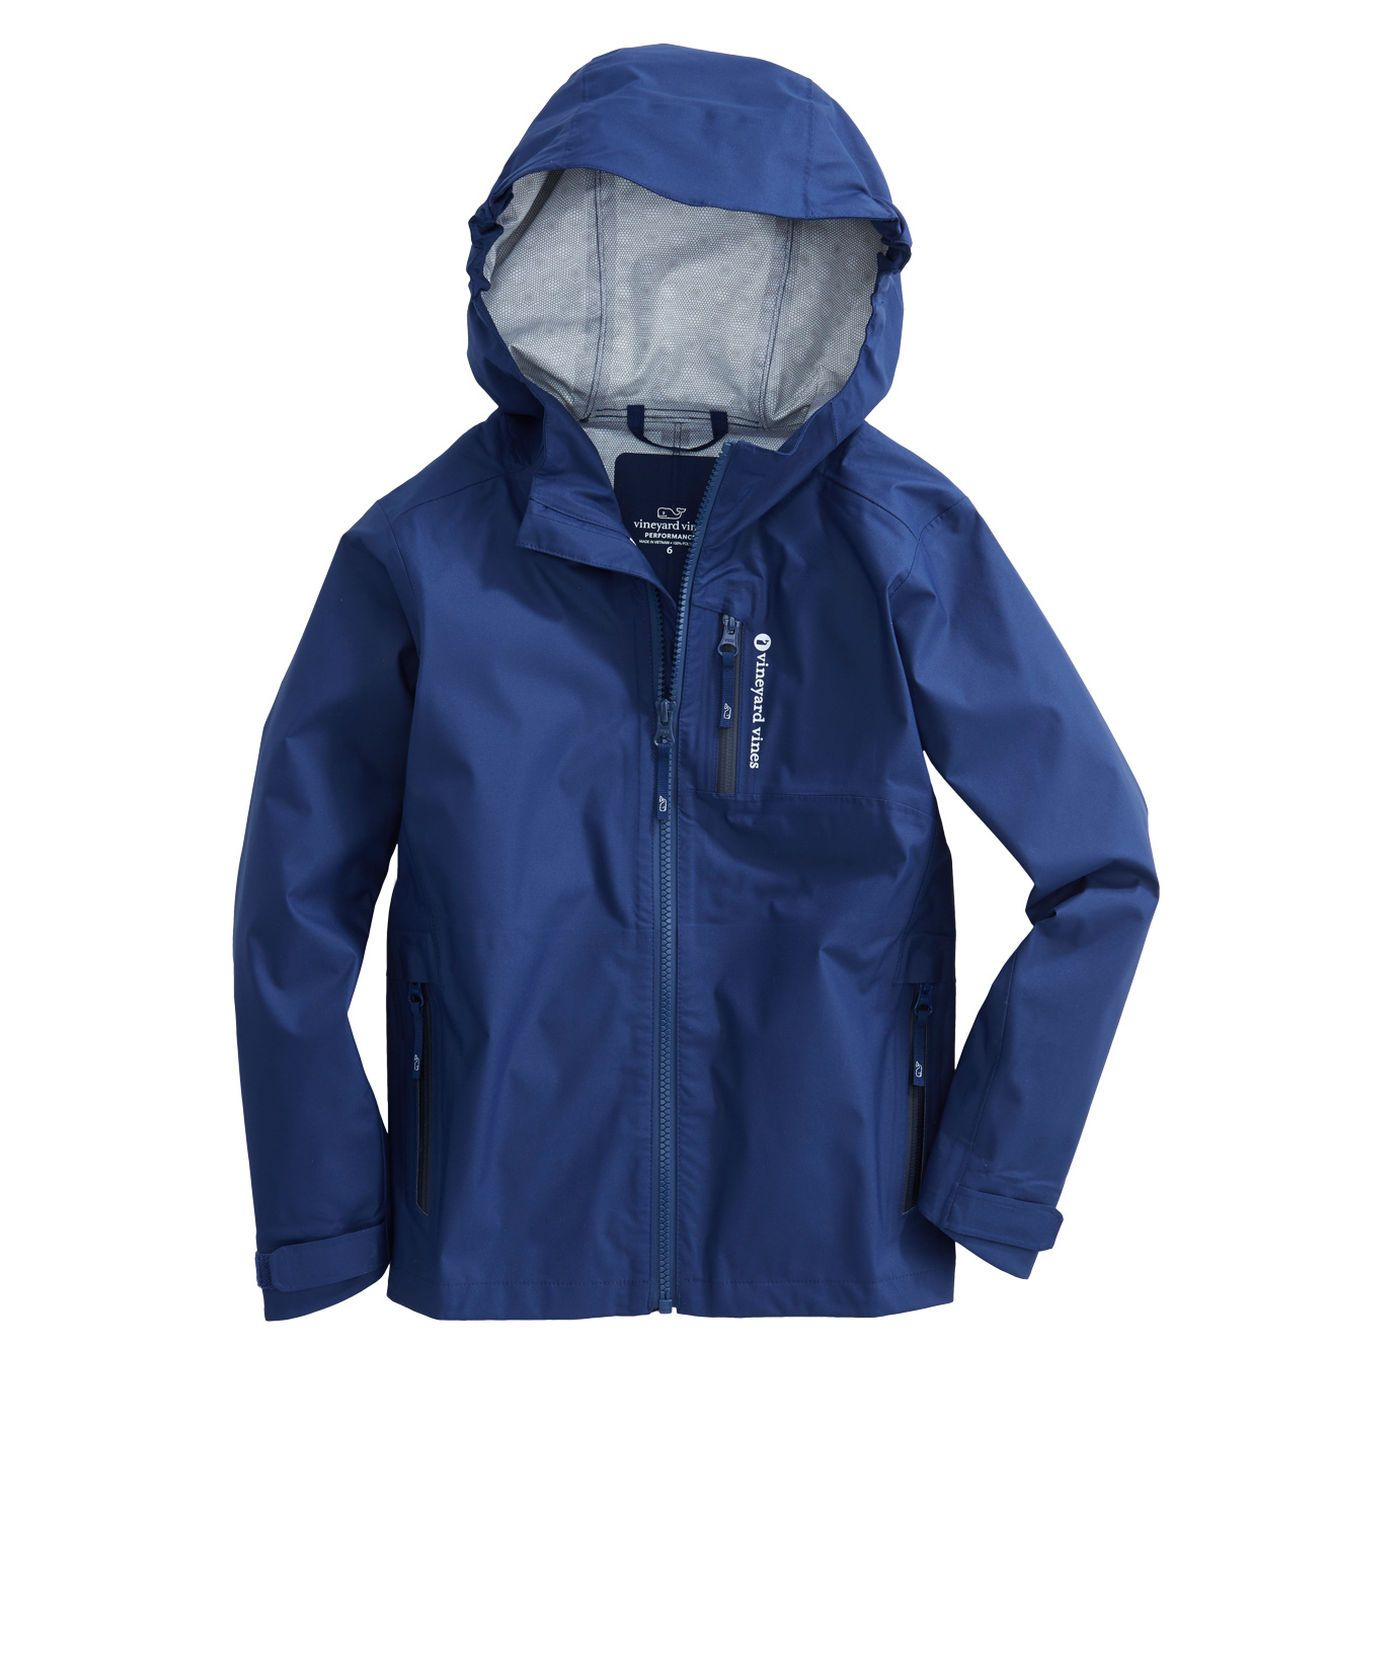 eacf8149745d Boys New Rain Jacket